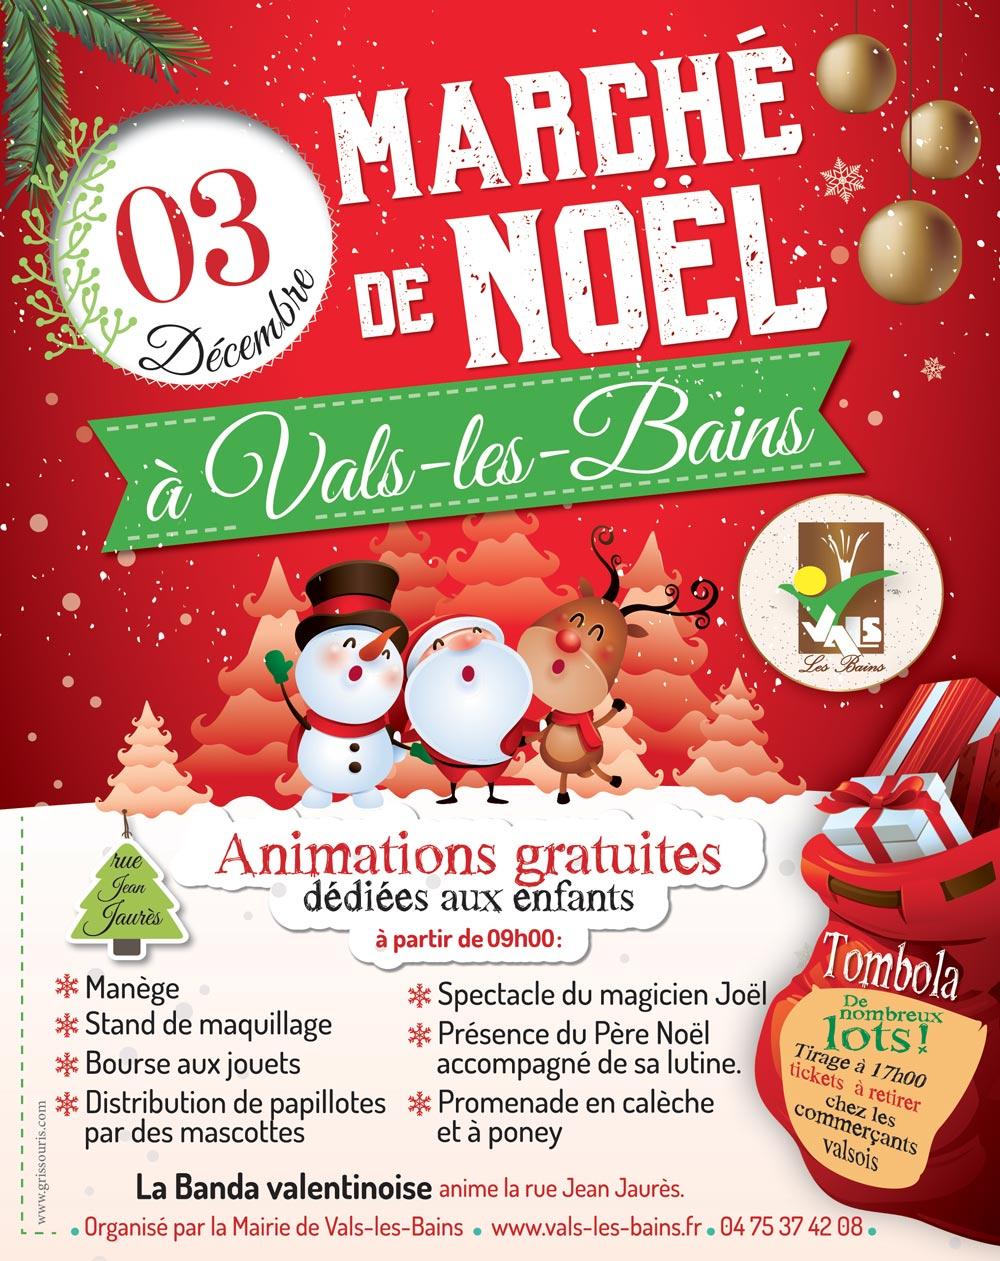 Affiche Marché de Noël Vals-les-Bains